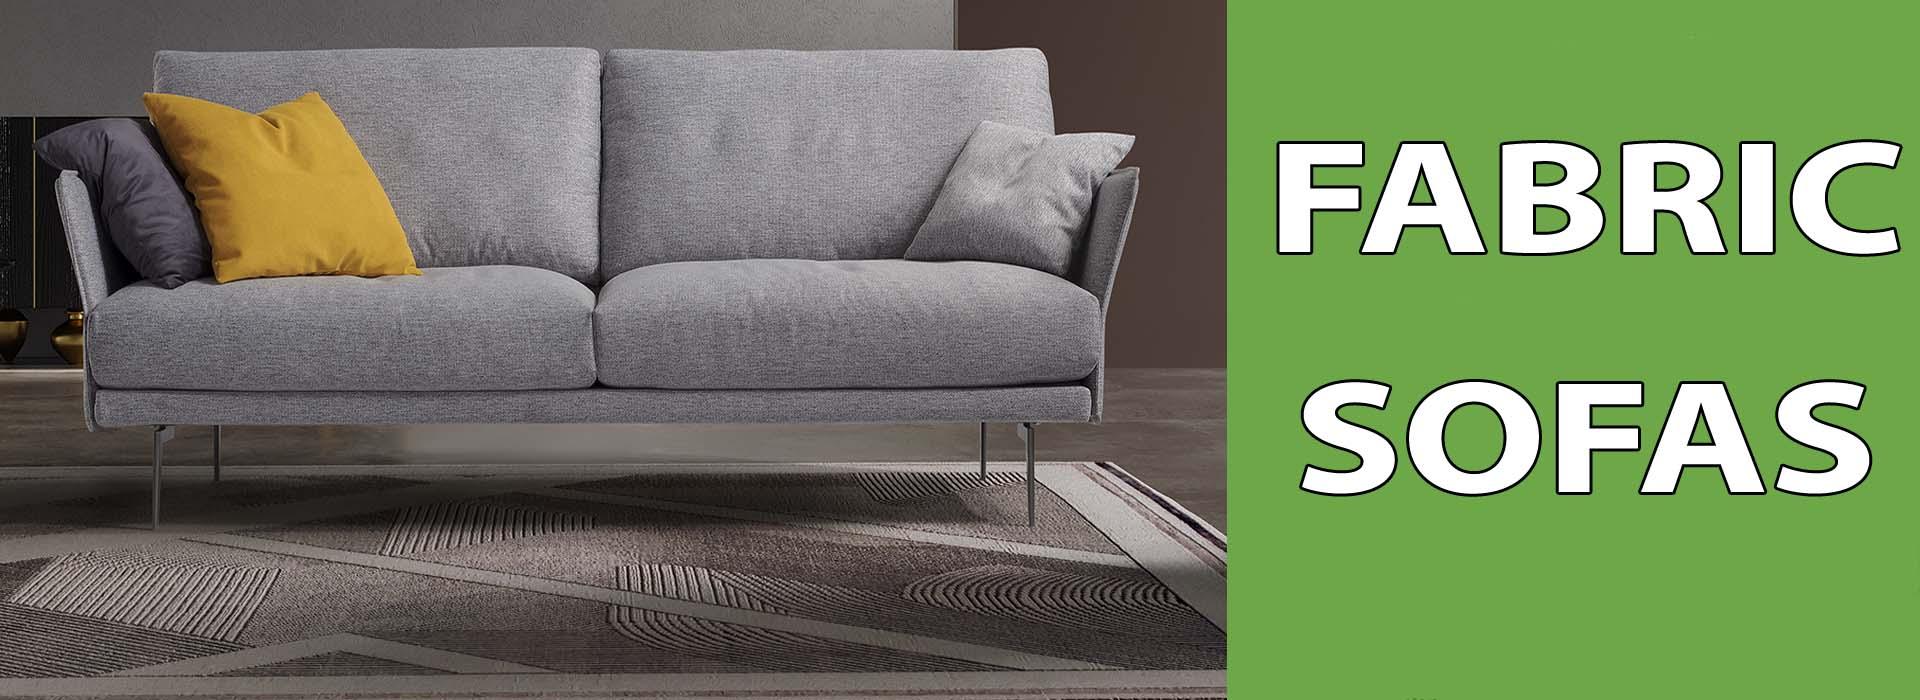 fabric sofa sale